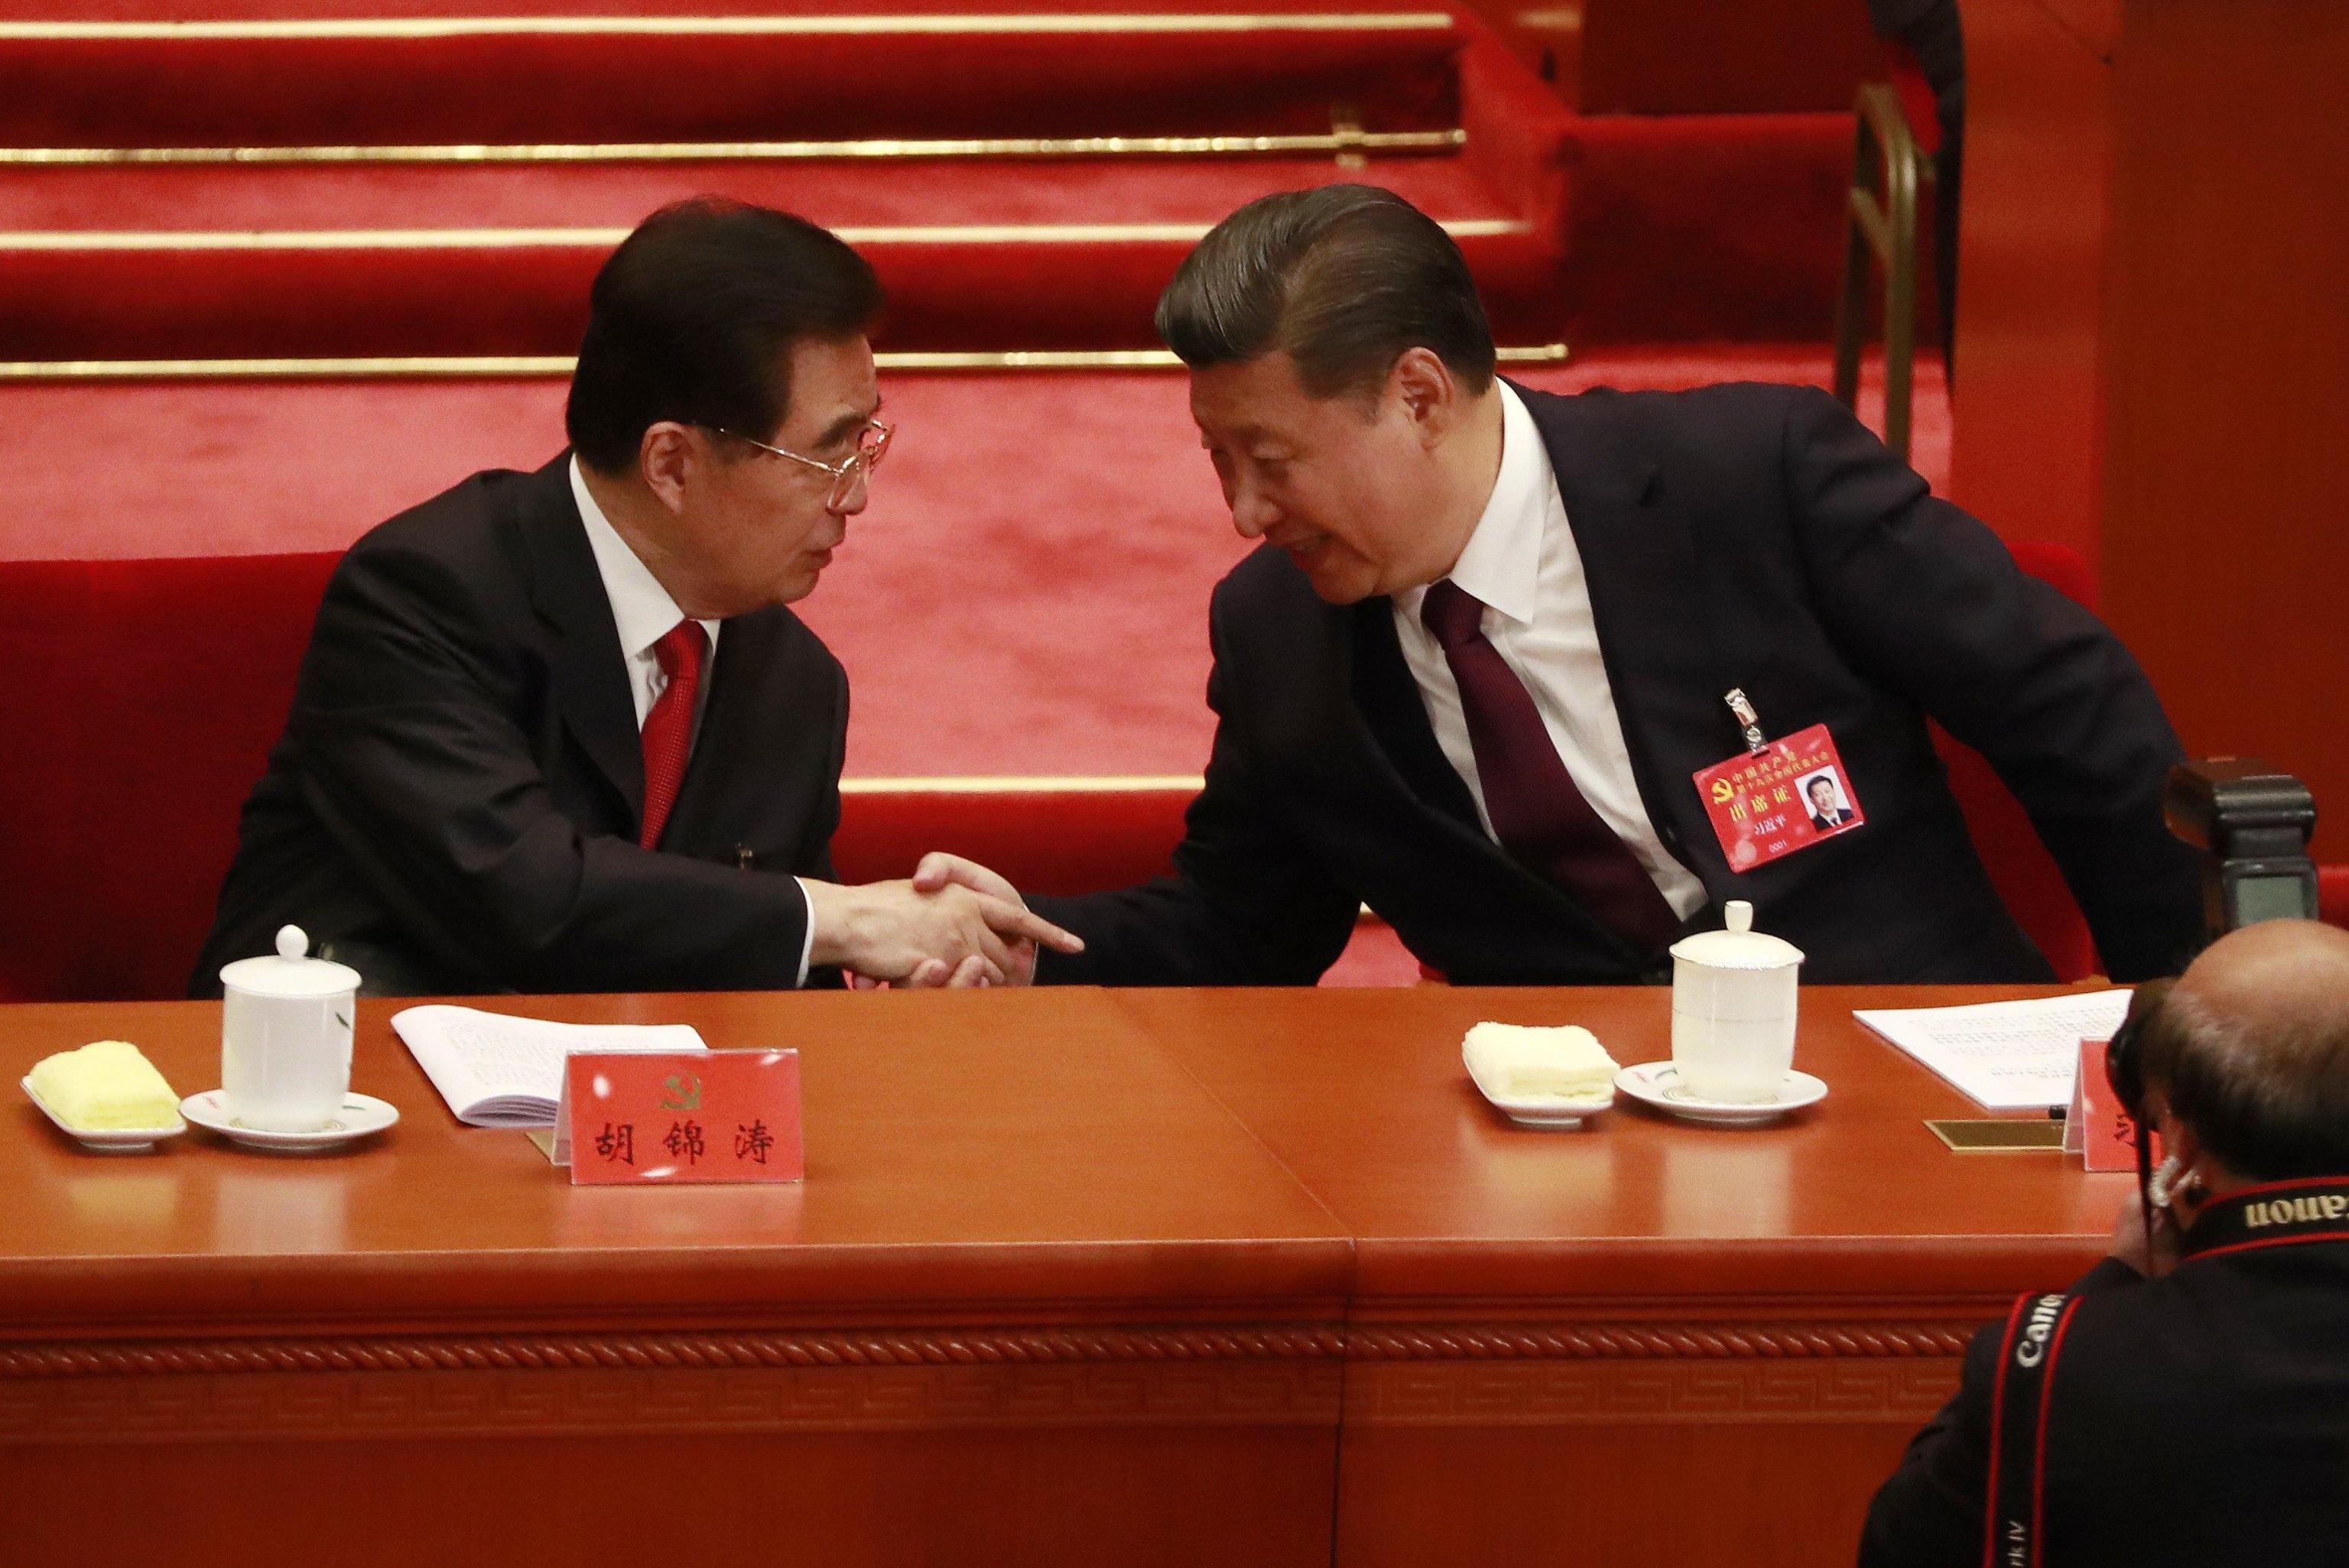 Il Presidente Xi Jinping stringe la mano al suo predecessore Hu Jintao al termine del suo discorso